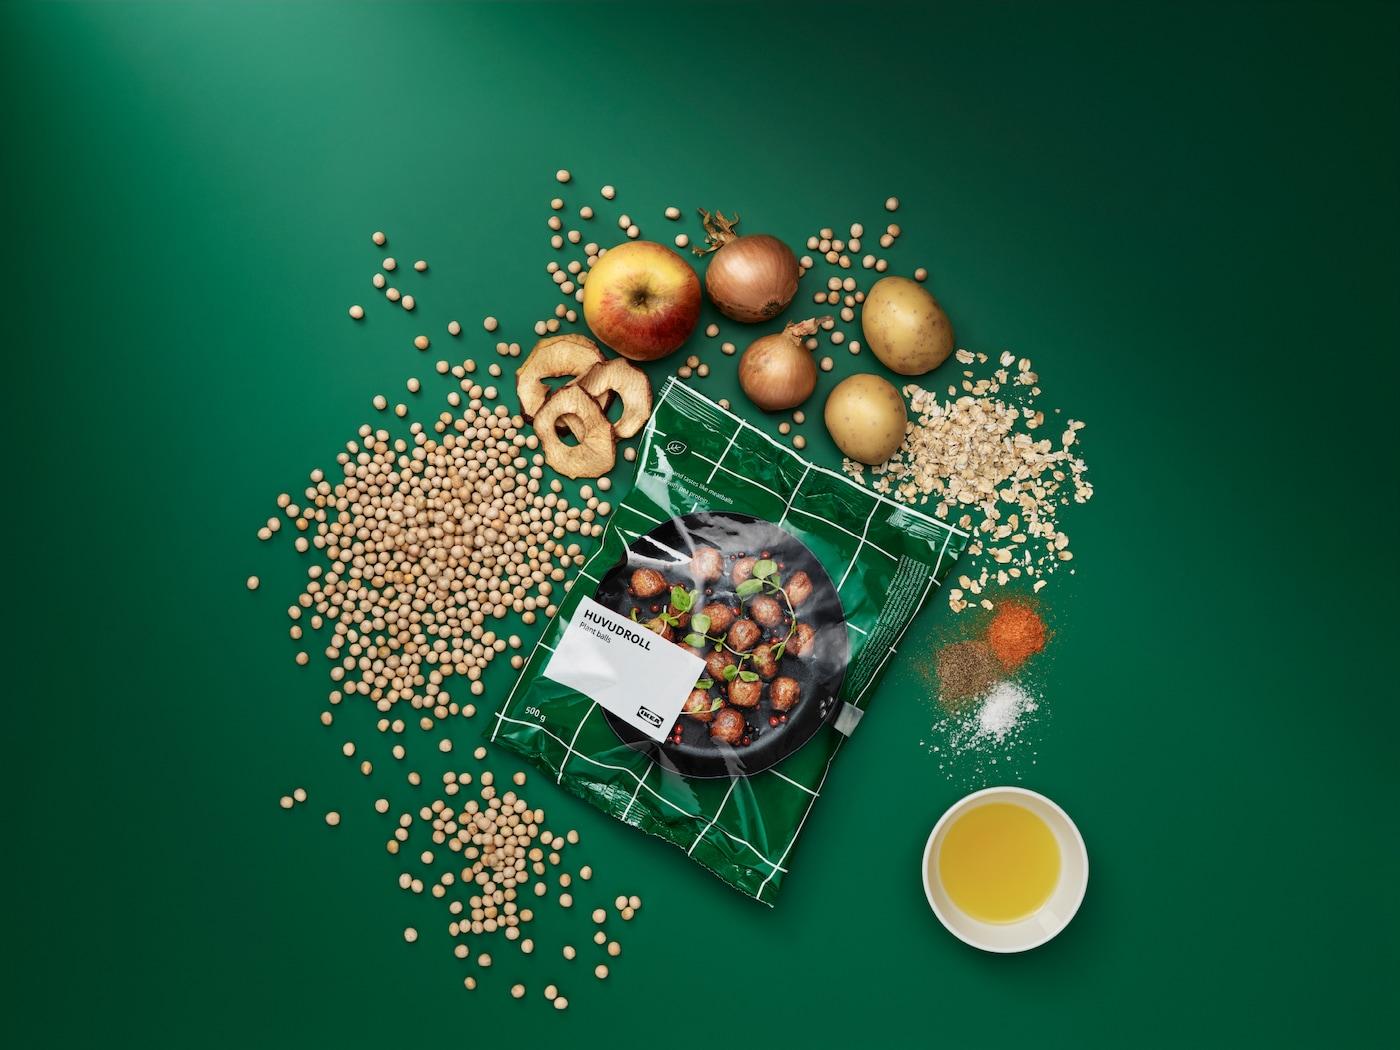 Förpackning med HUVUDROLL växtbaserade bullar med råvarorna intill: ärter, havre, potatis, lök, äpplen, kryddor.